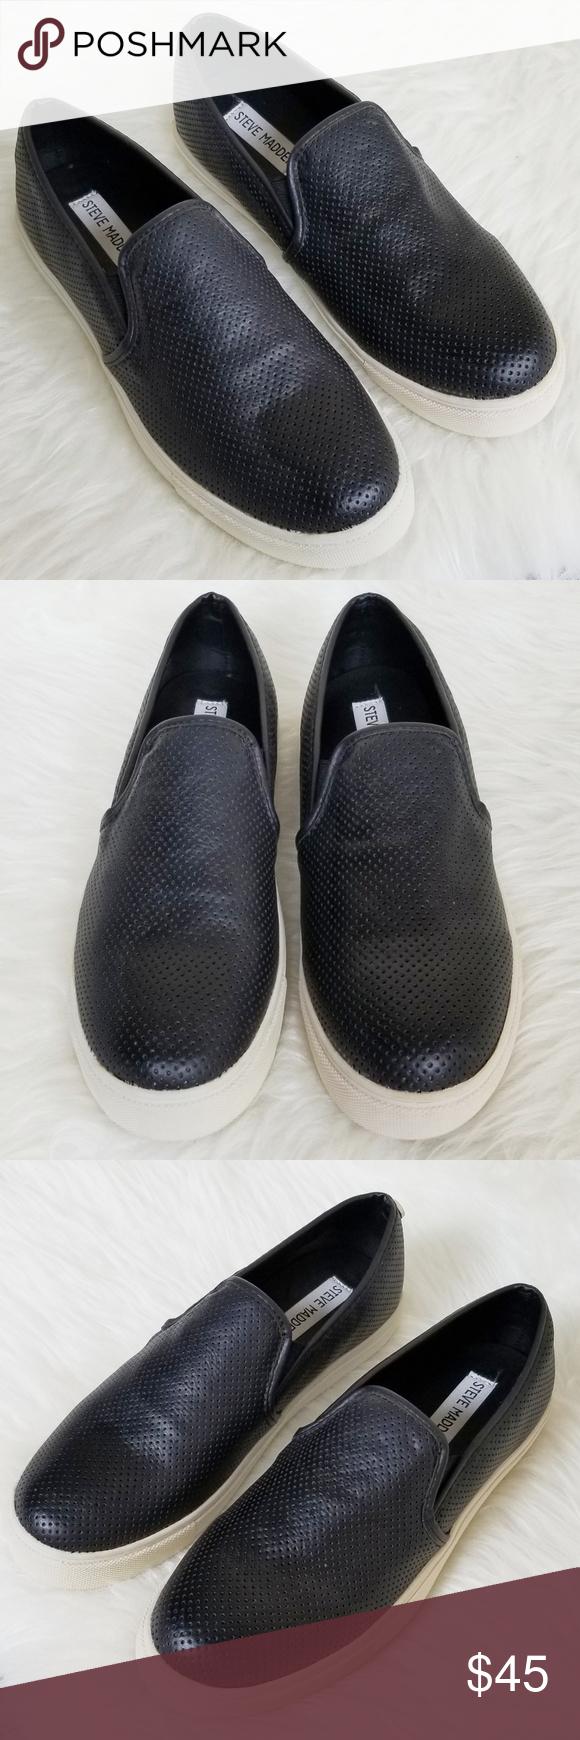 63a6d9feb74 Steve Madden • Everest Slip On Sneaker Loafer 7.5 Brand  Steve Madden  Details  Everest